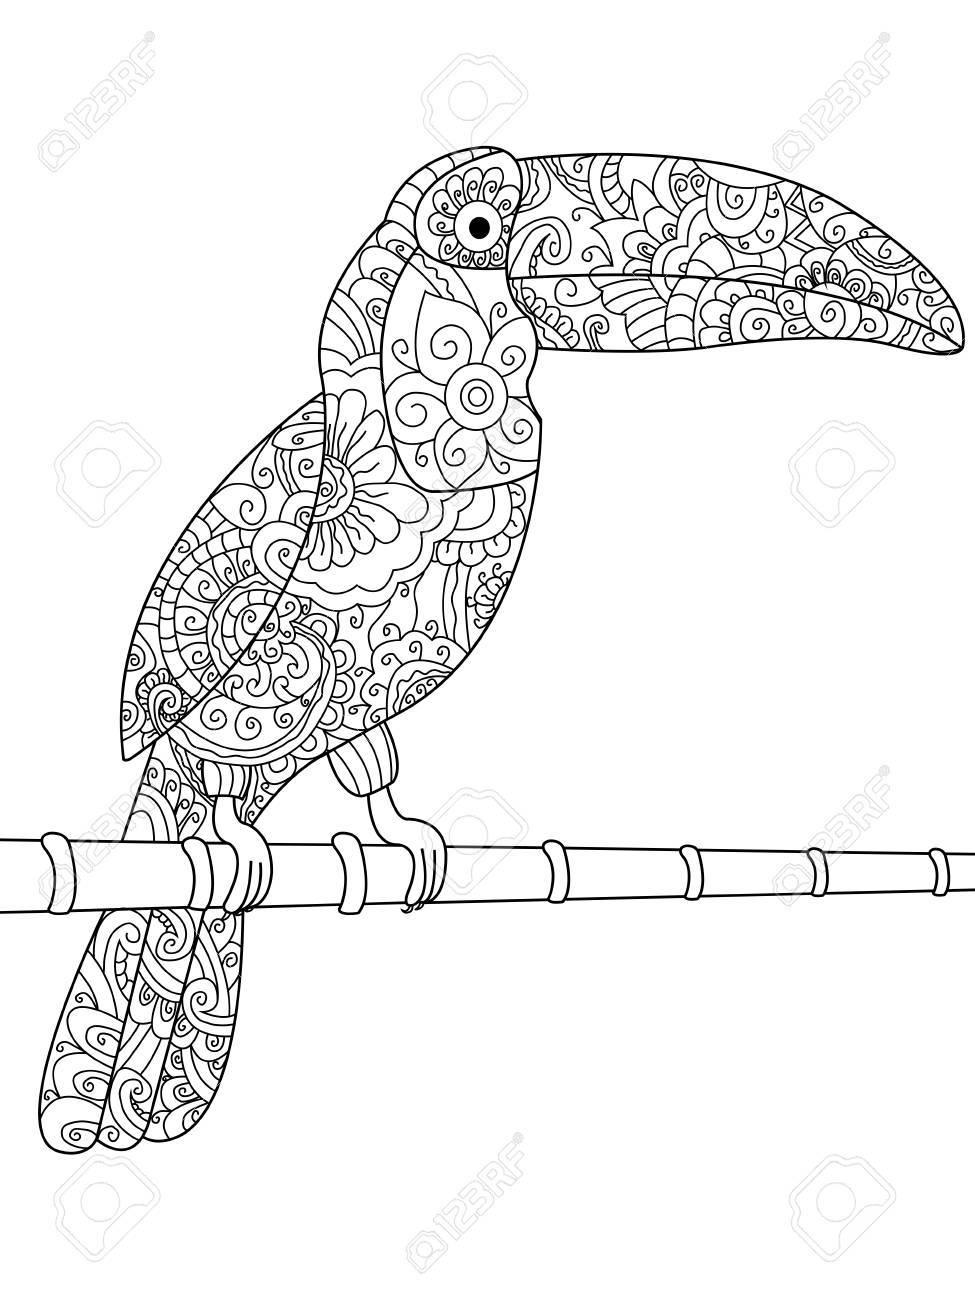 オオハシ大人図の動物の塗り絵大人のための着色抗ストレススタイル